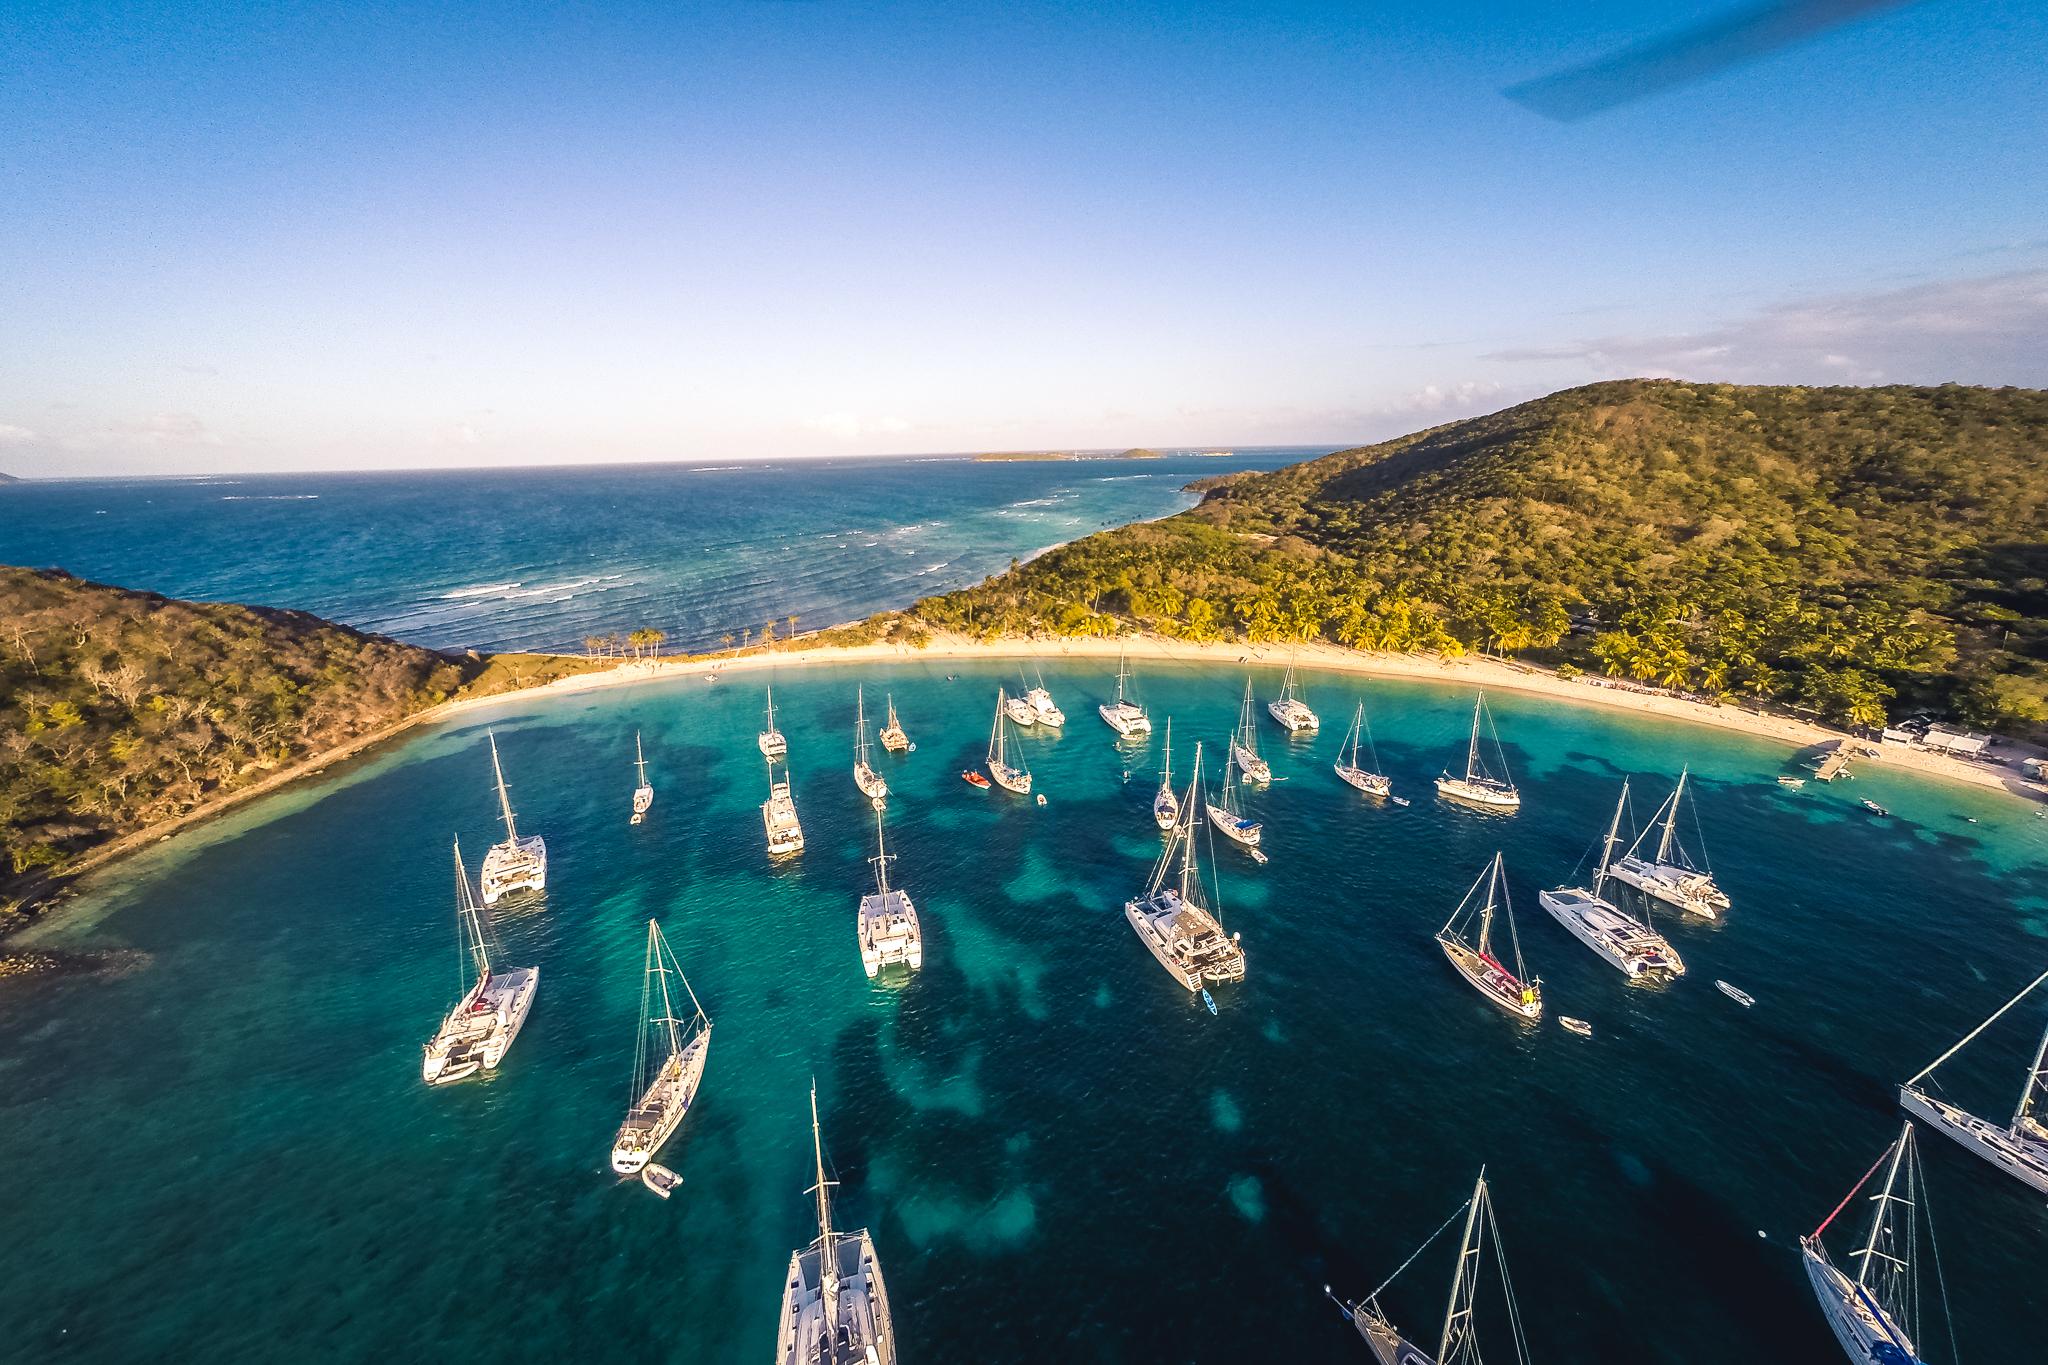 Förverkliga drömmen om att segla i Karibien